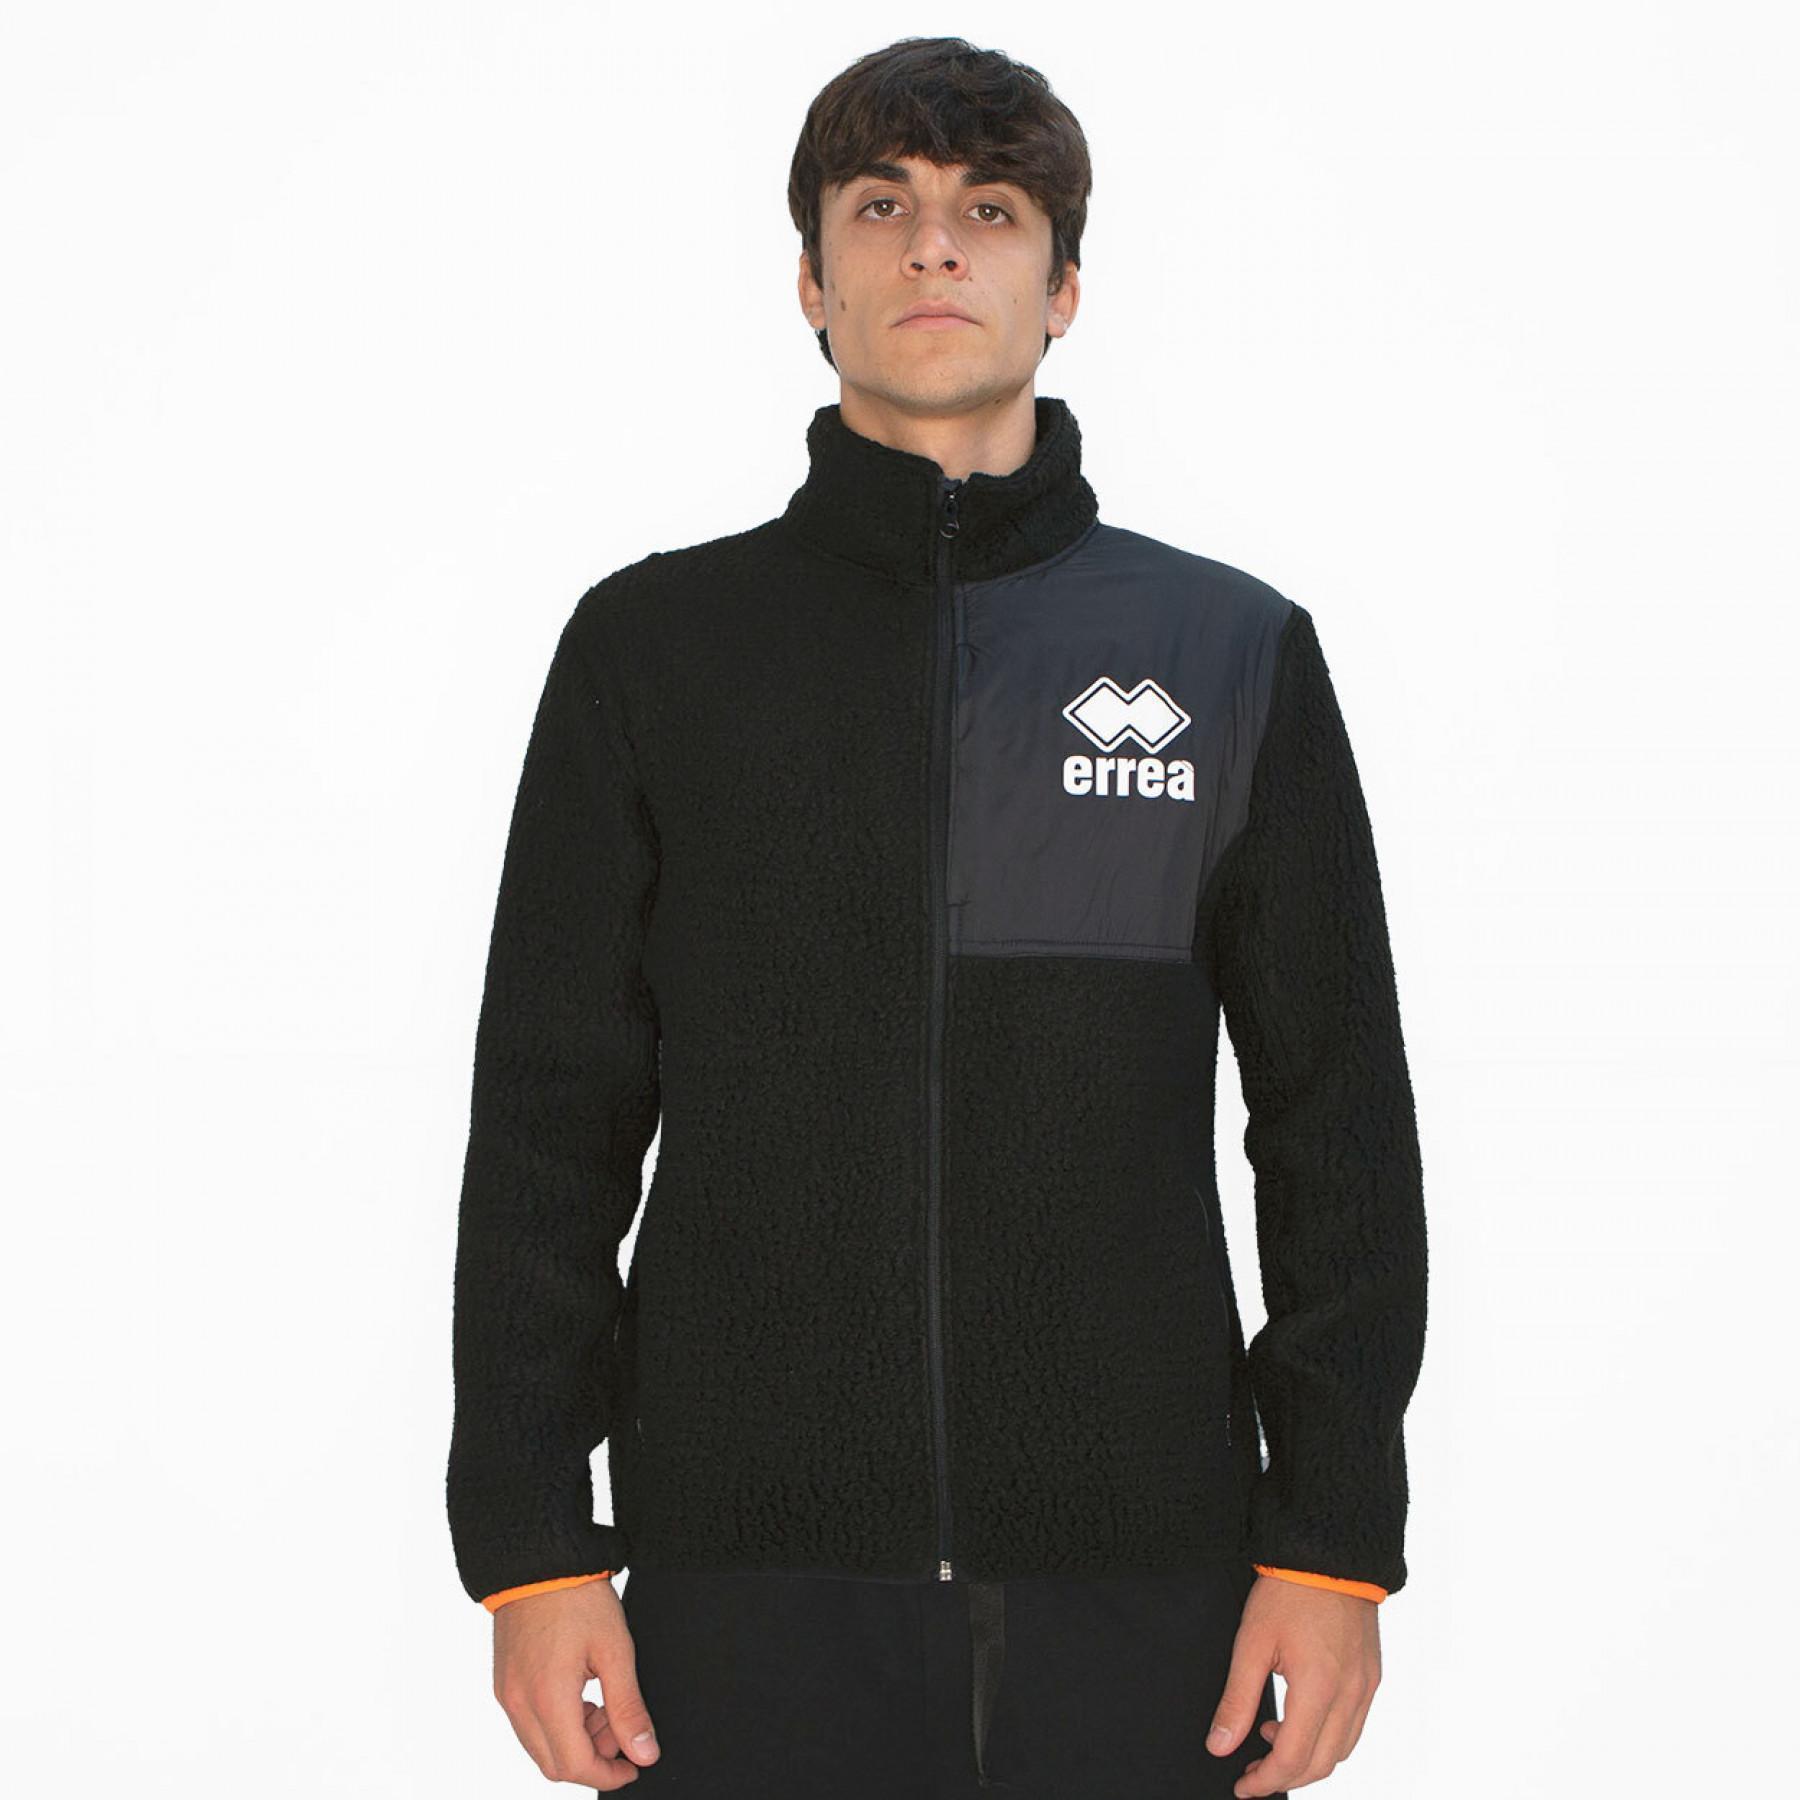 Errea Hybrid Basic Jacket